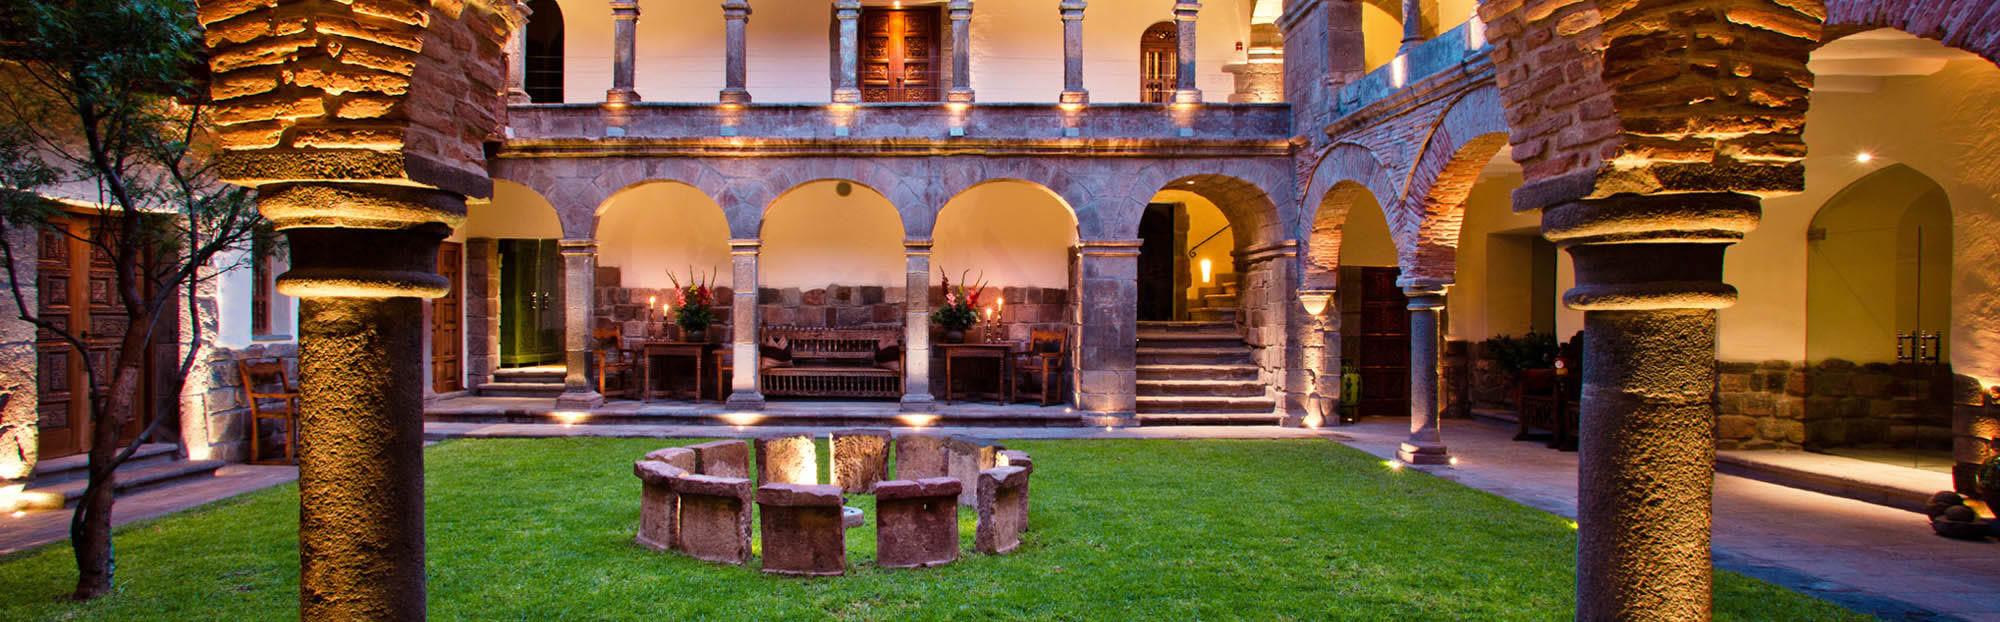 Inkaterra Machu Picchu Pueblo Hotel, Peru